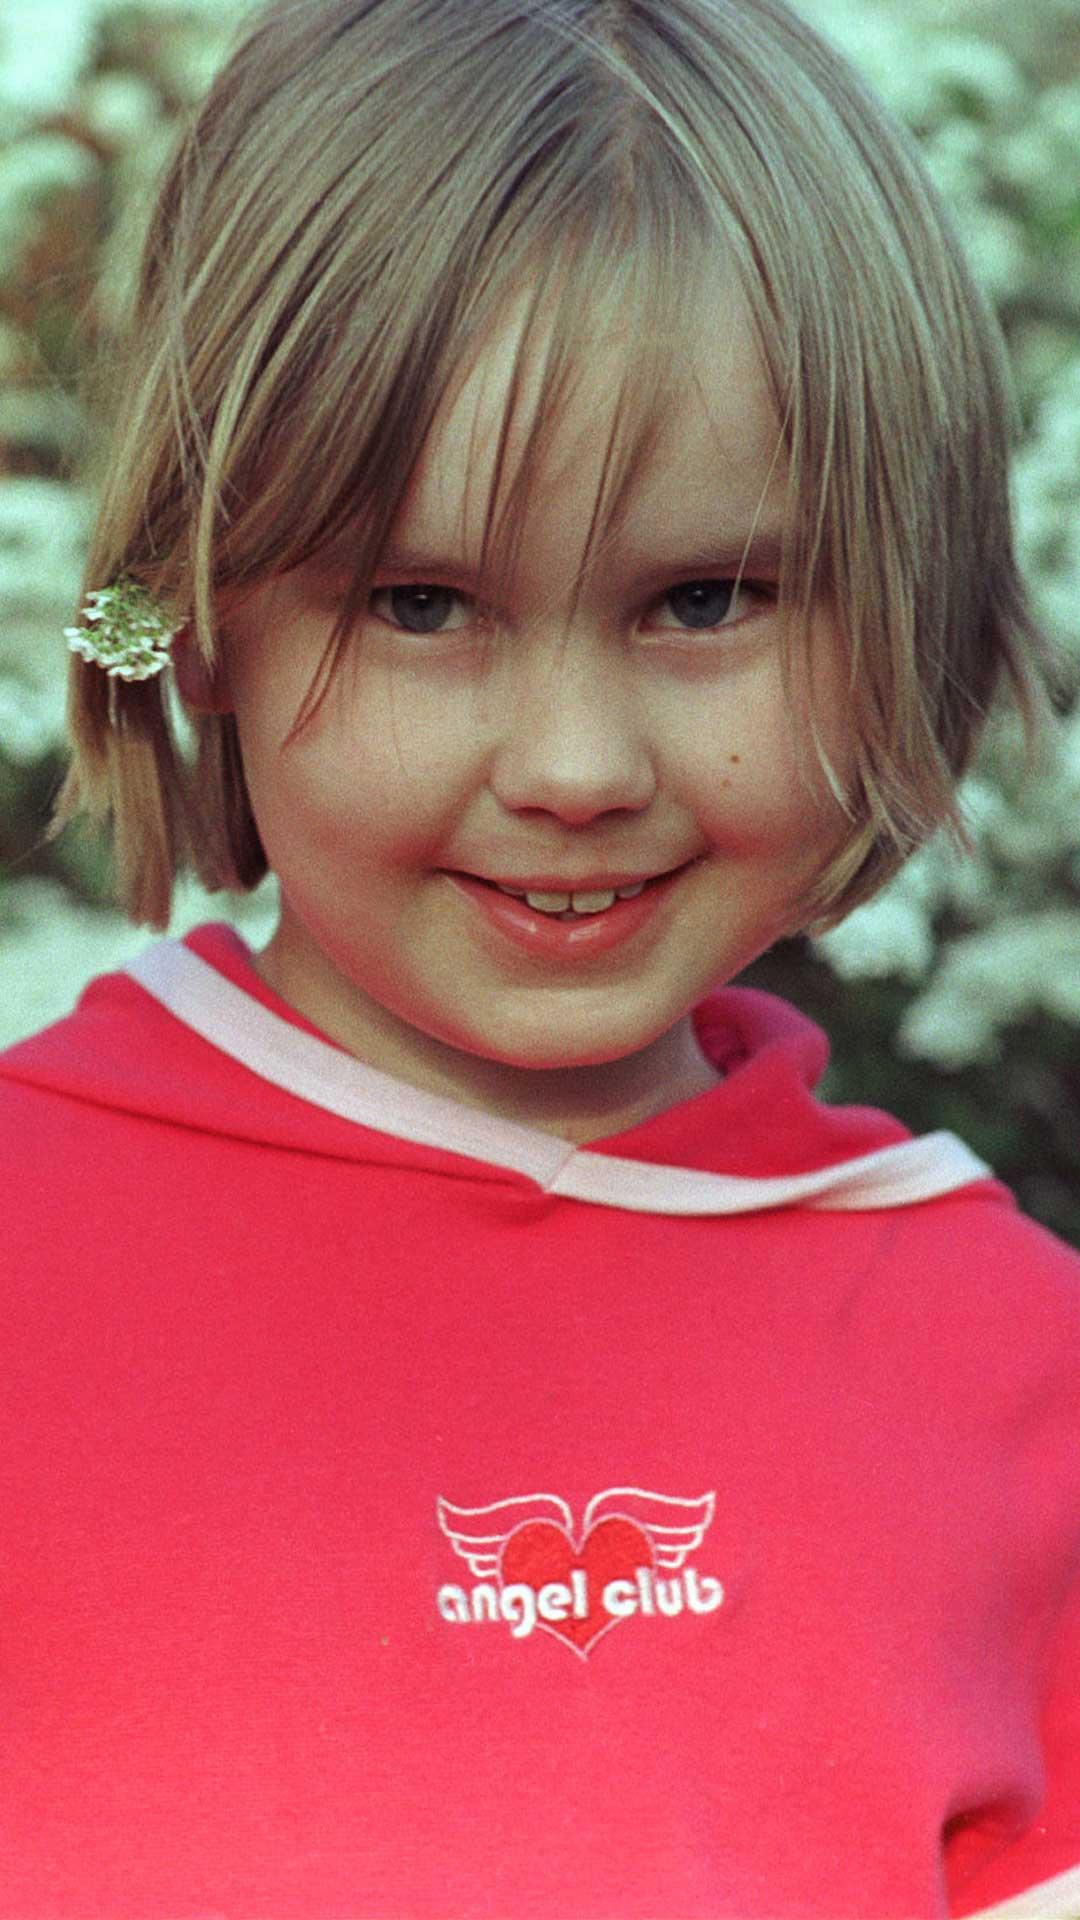 En jentunge med brunt hår, pannelugg, brune øyne, fyldig fjes og lurt smil ser rett i kameraet. Bak øret har hun en hvit blomst. På seg har hun en knall rosa T-skjorte hvor det står «Angel Club» i hvit skrift med vinger bak seg. Bak henne er grønne busker med hvite blomster.